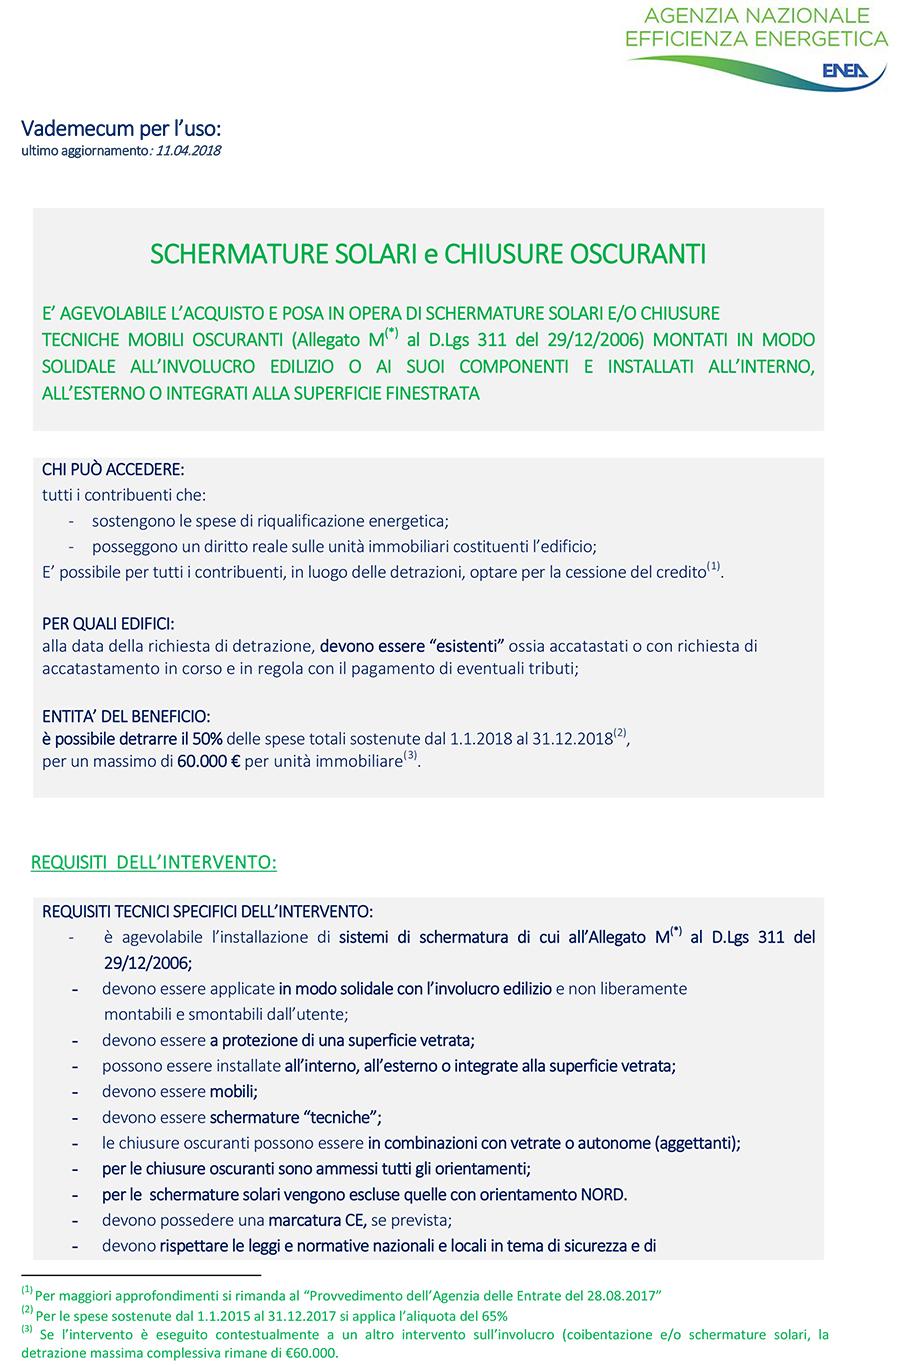 Vademecum-Enea-schermature_solari-1